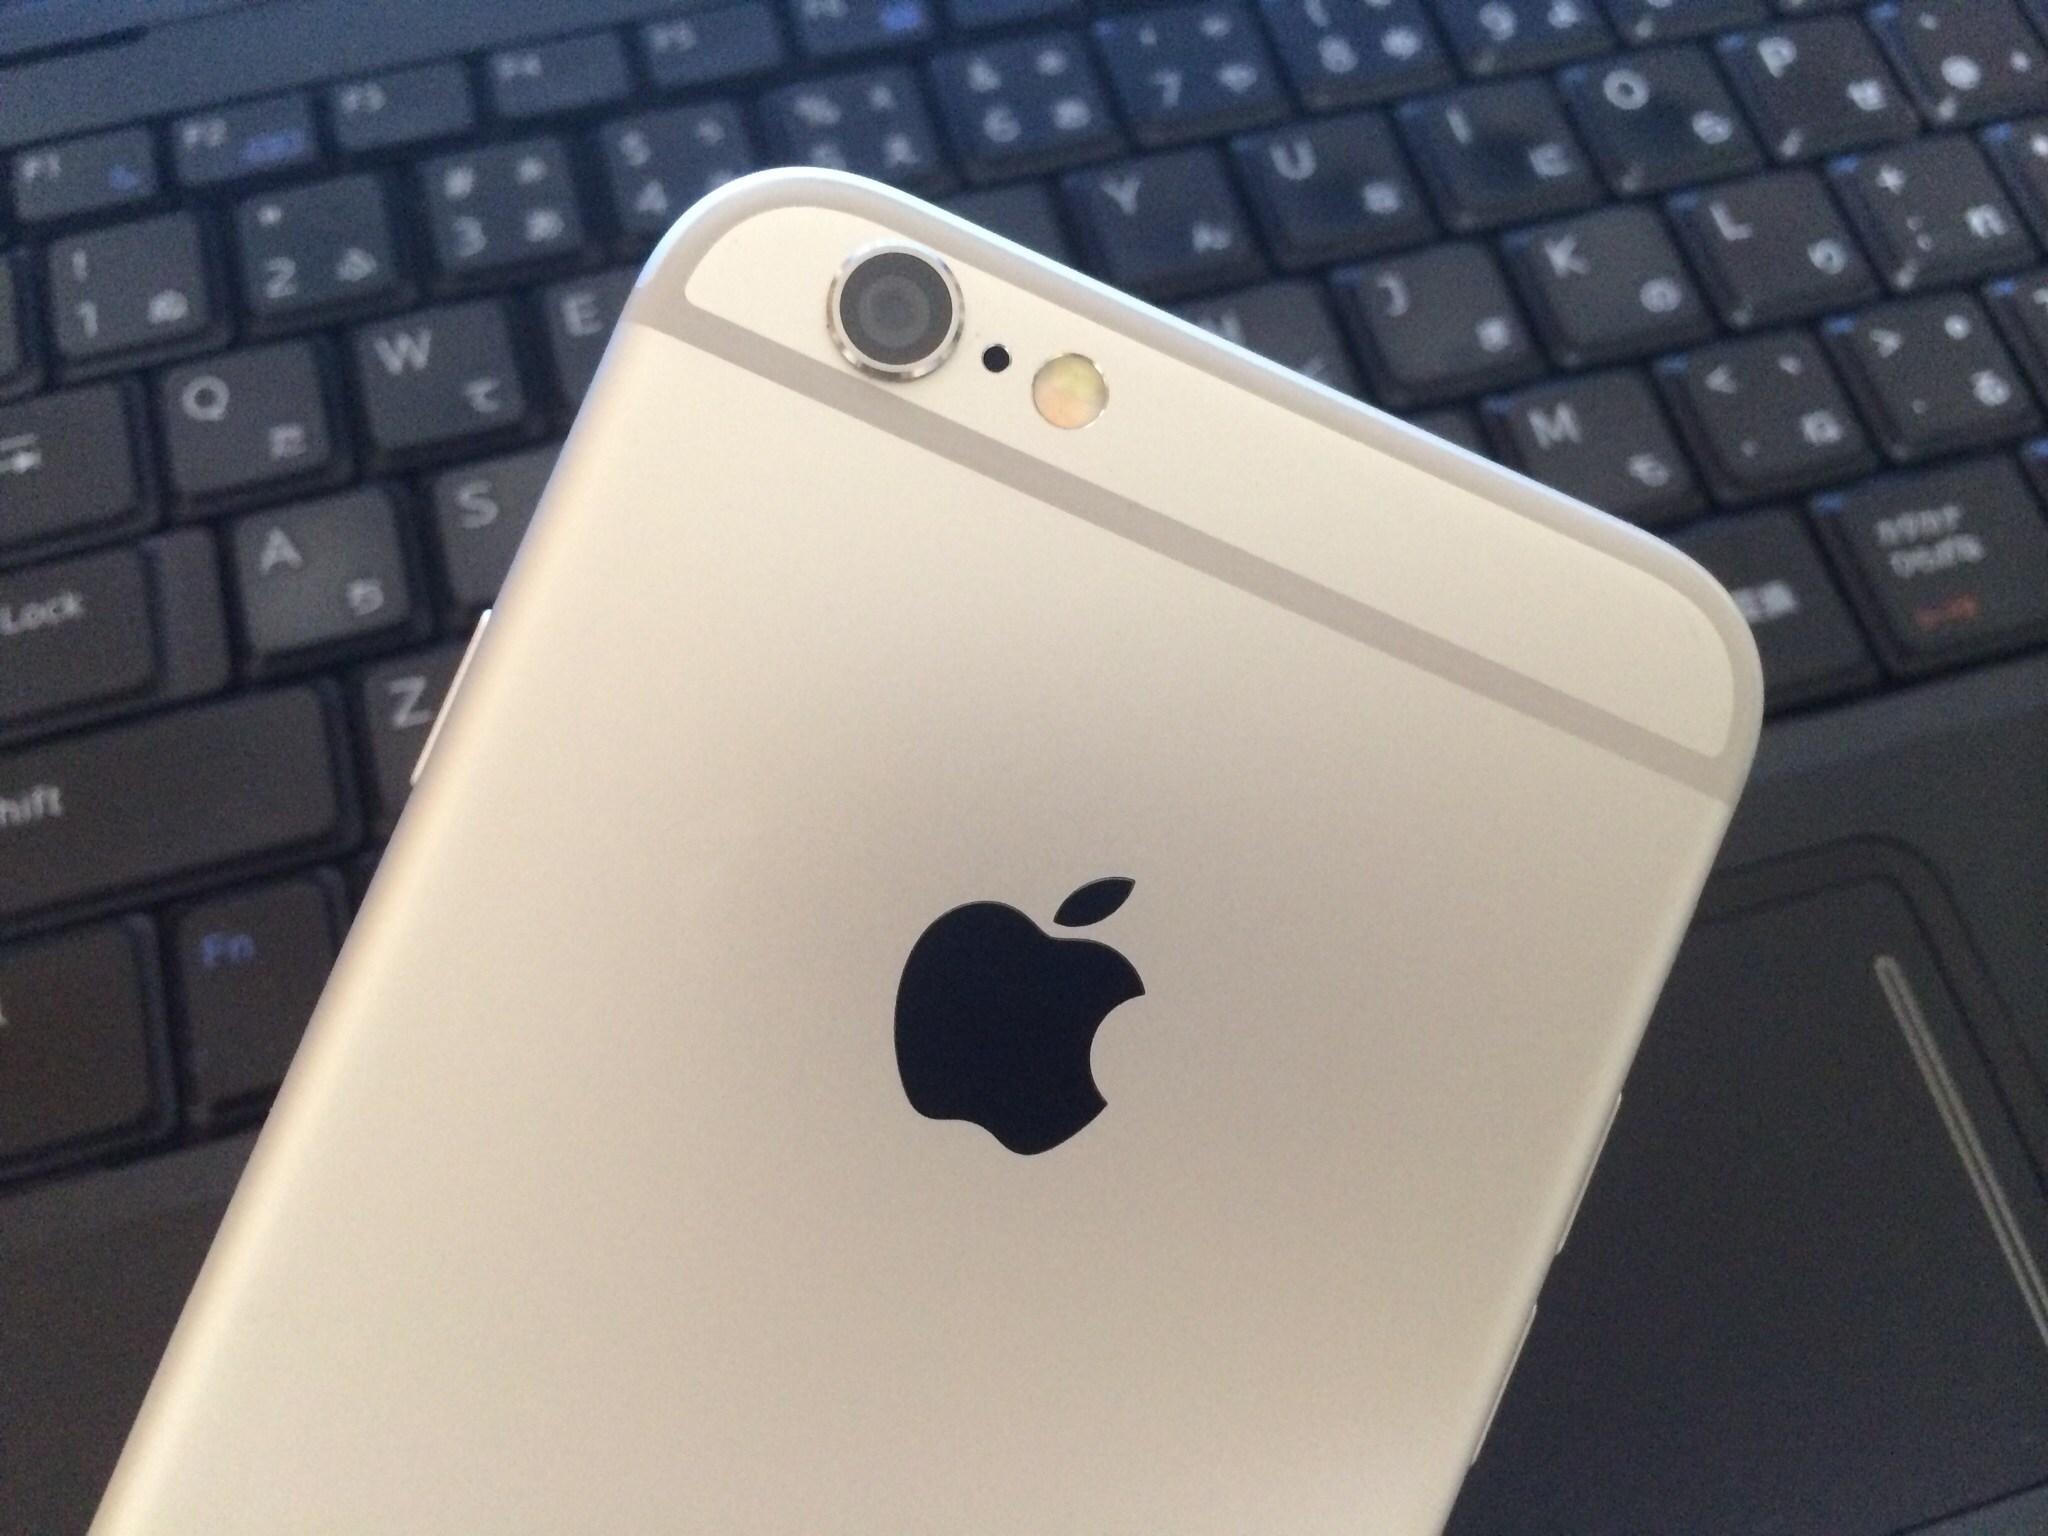 [Å] iPhoneを新しく買ったら気をつけたい!!旧iPhoneからデータを復元する正しい方法